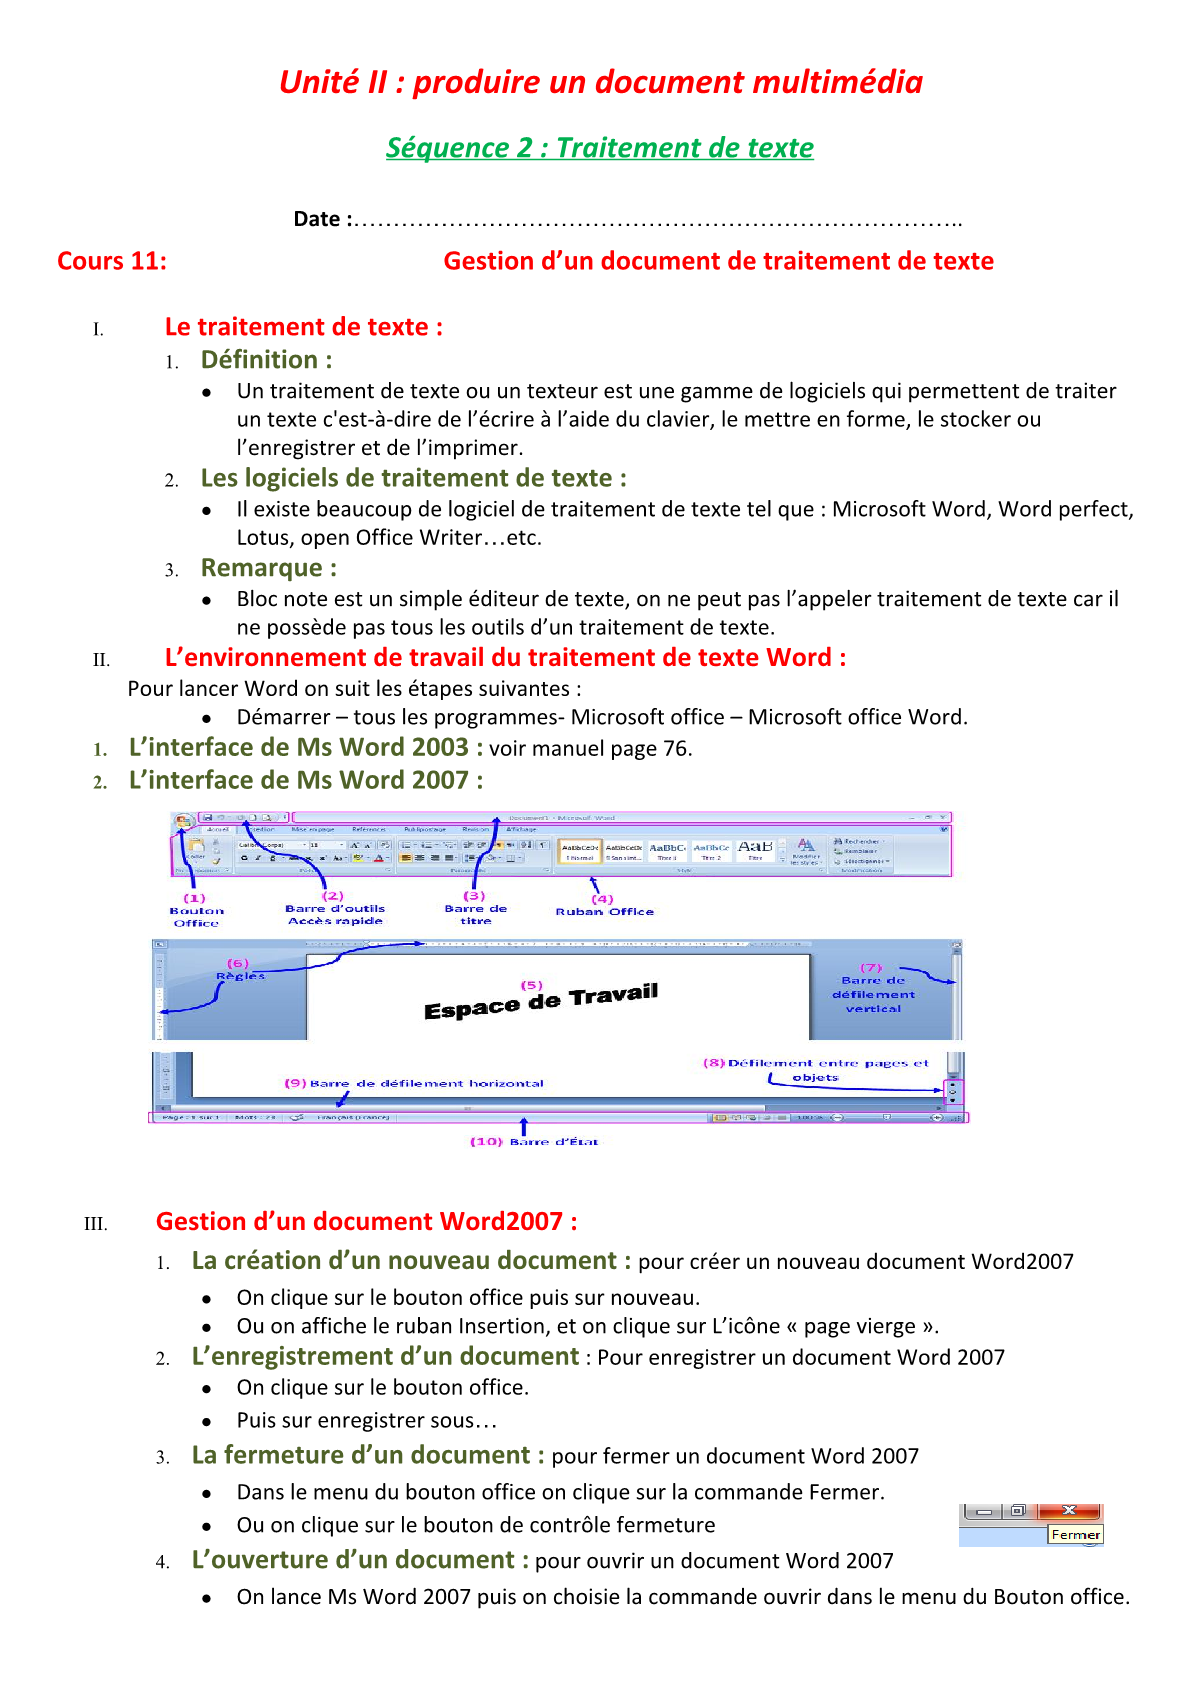 درس Gestion d'un document de traitement de texte للسنة الأولى اعدادي